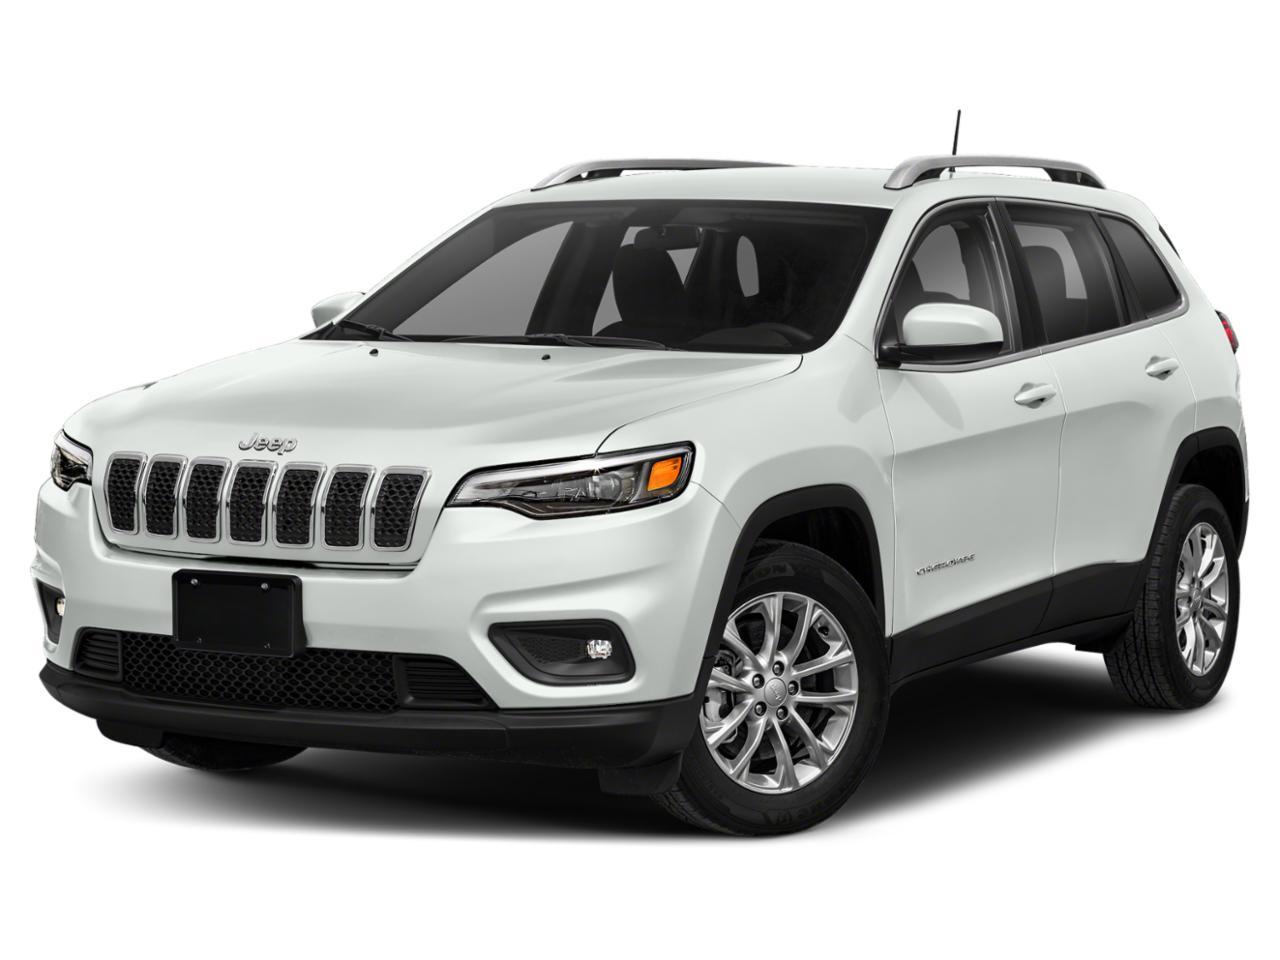 2021 Jeep Cherokee Vehicle Photo in Oshkosh, WI 54901